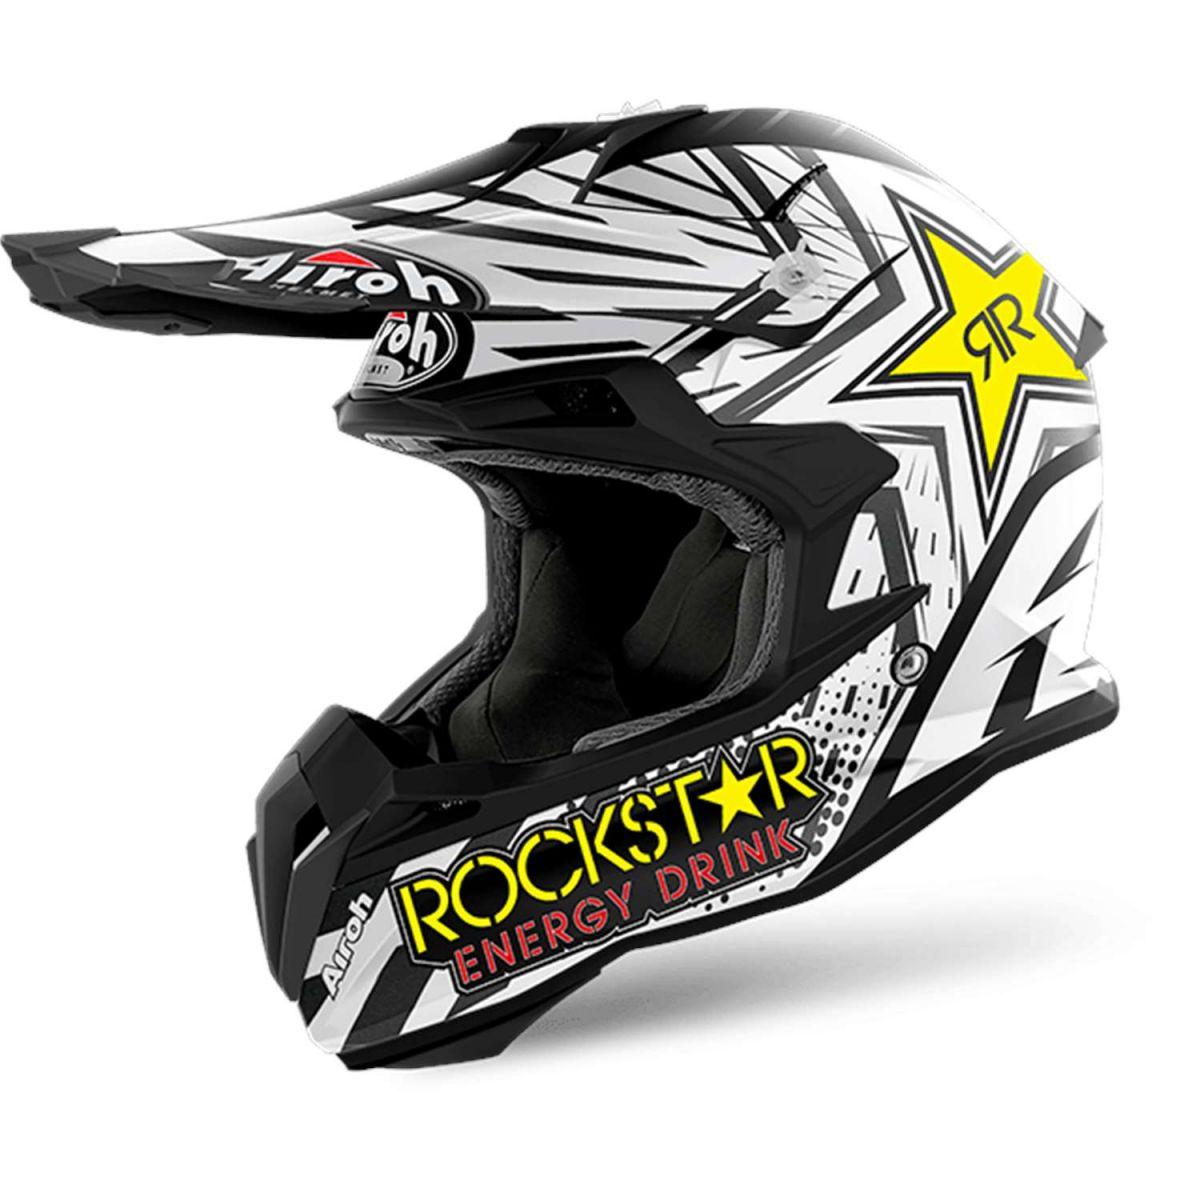 Airoh - Terminator Open Vision Rockstar Matt шлем, матовый